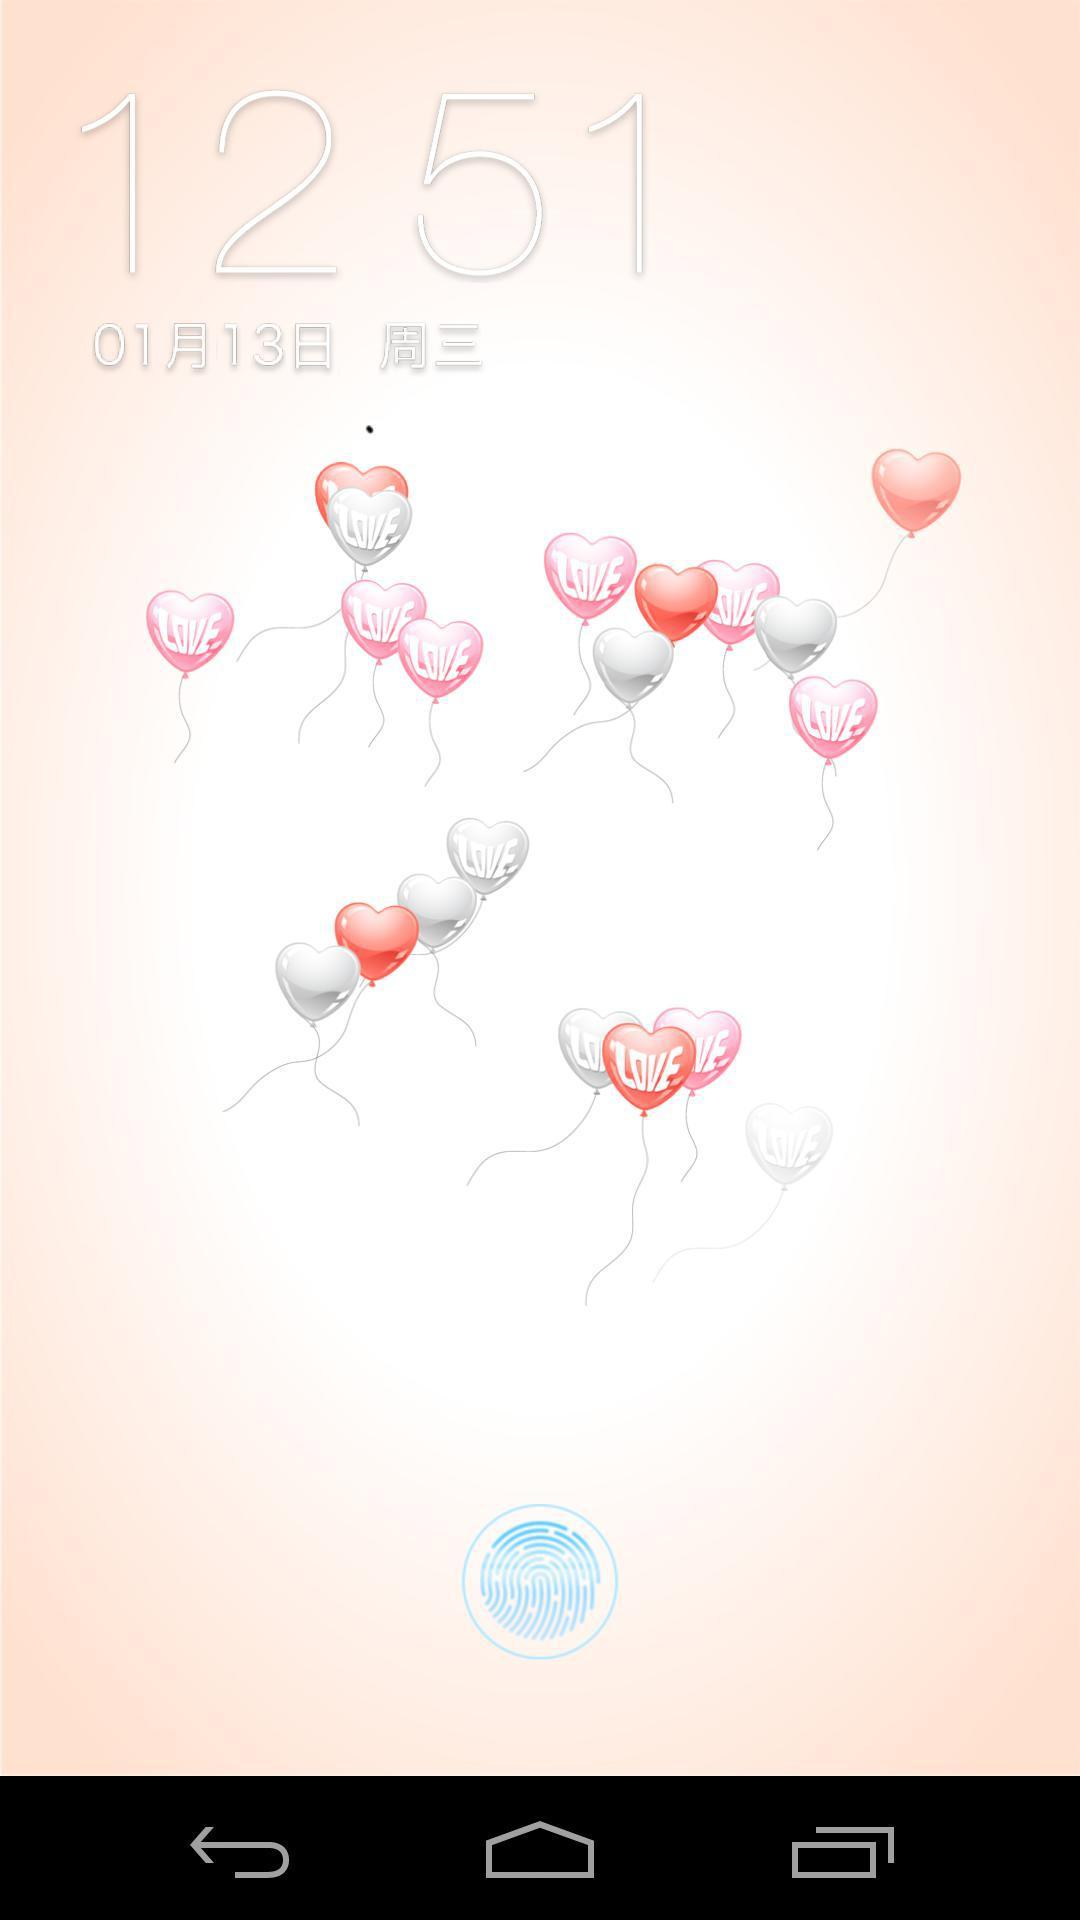 爱心气球-梦象动态壁纸截图3